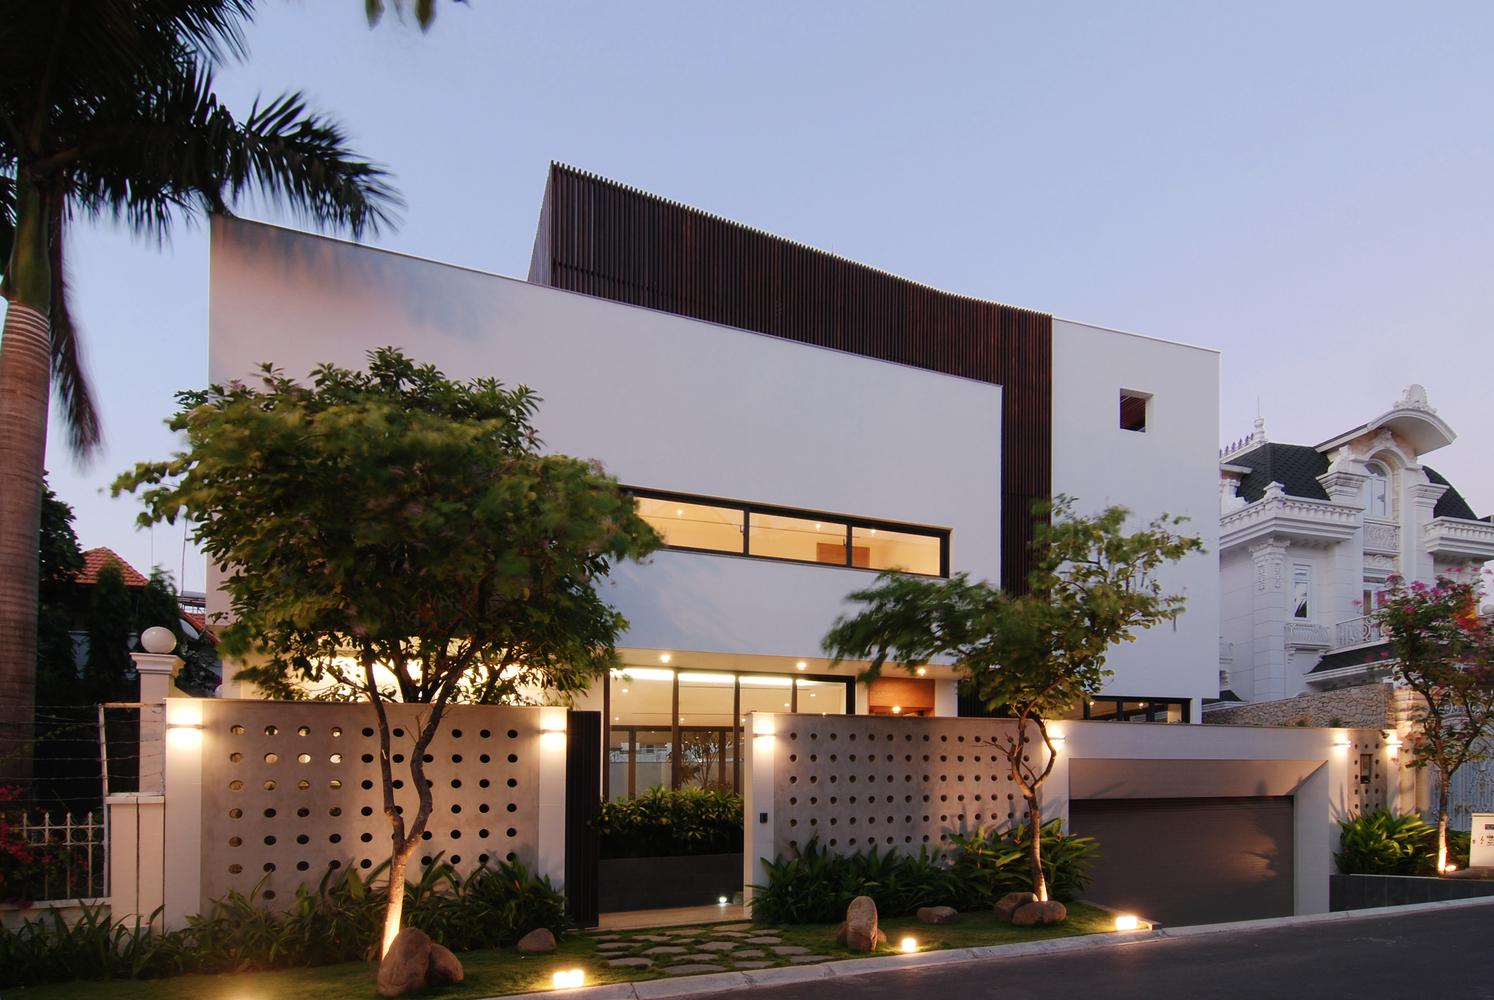 Nhà đẹp Sài Gòn - Biệt thự eden villa - 22